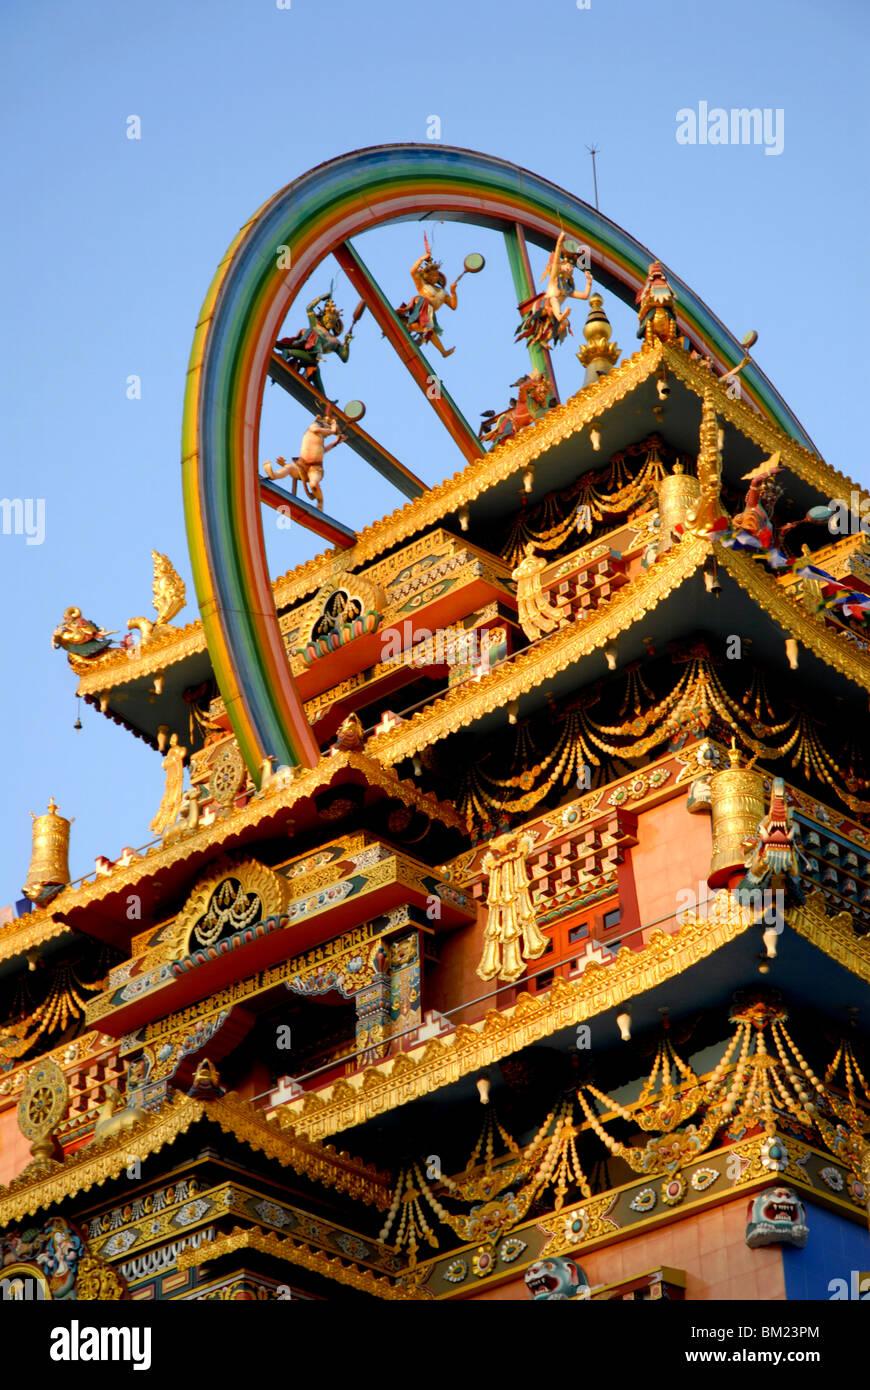 Golden Buddhistentempel, Bylakuppe, Coorg, Karnataka, Indien Stockbild